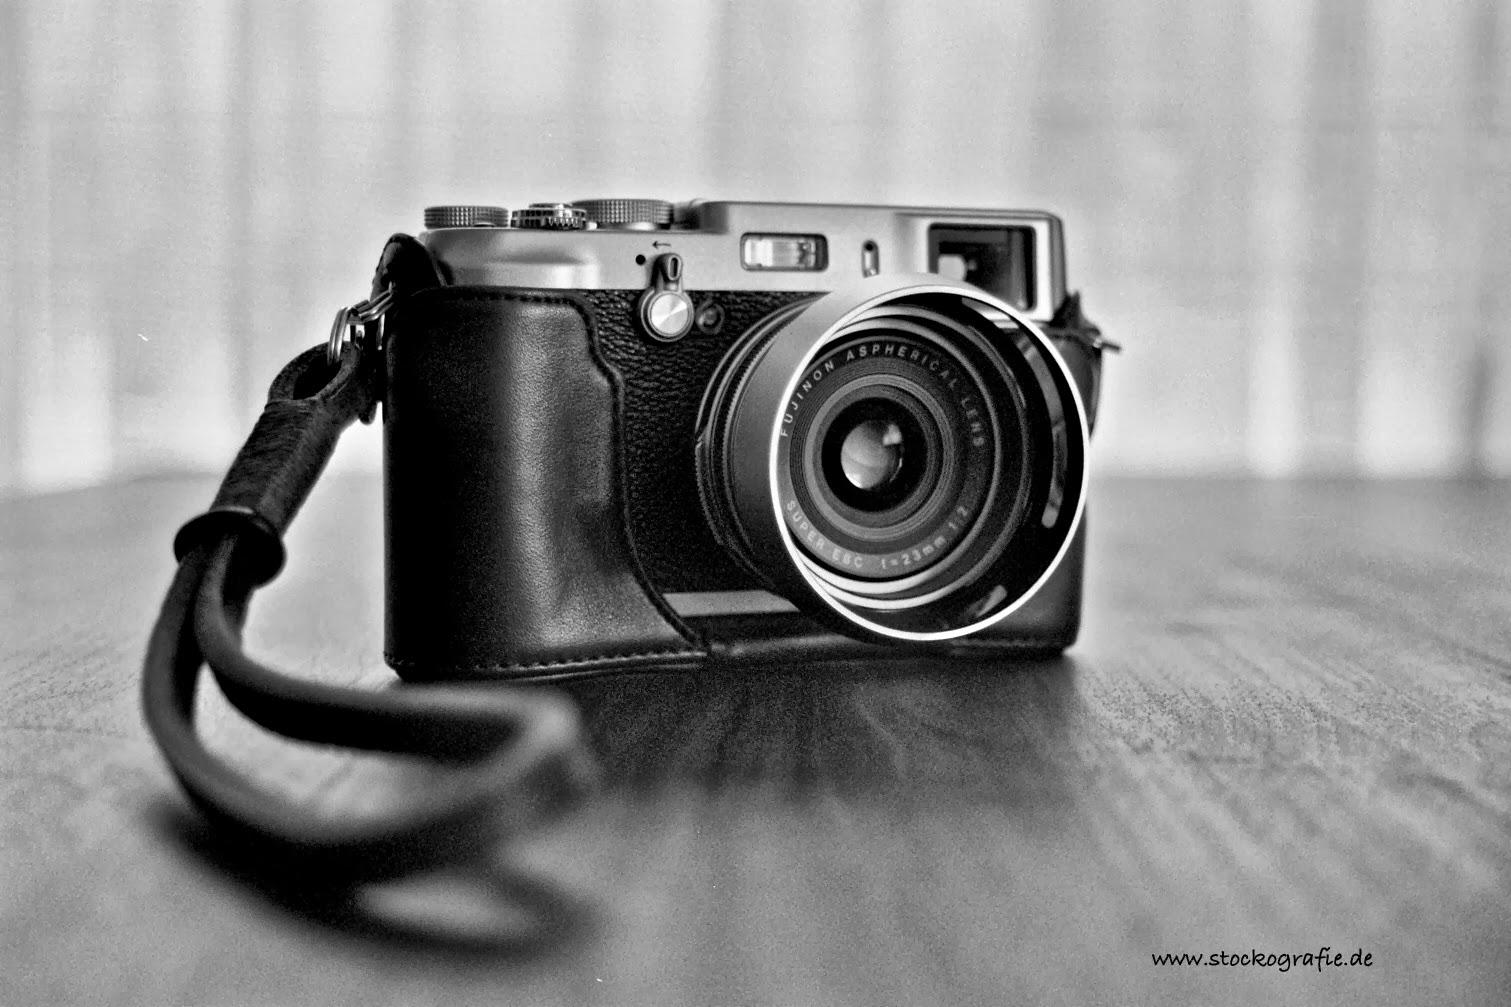 Fuji x100s photos - cover